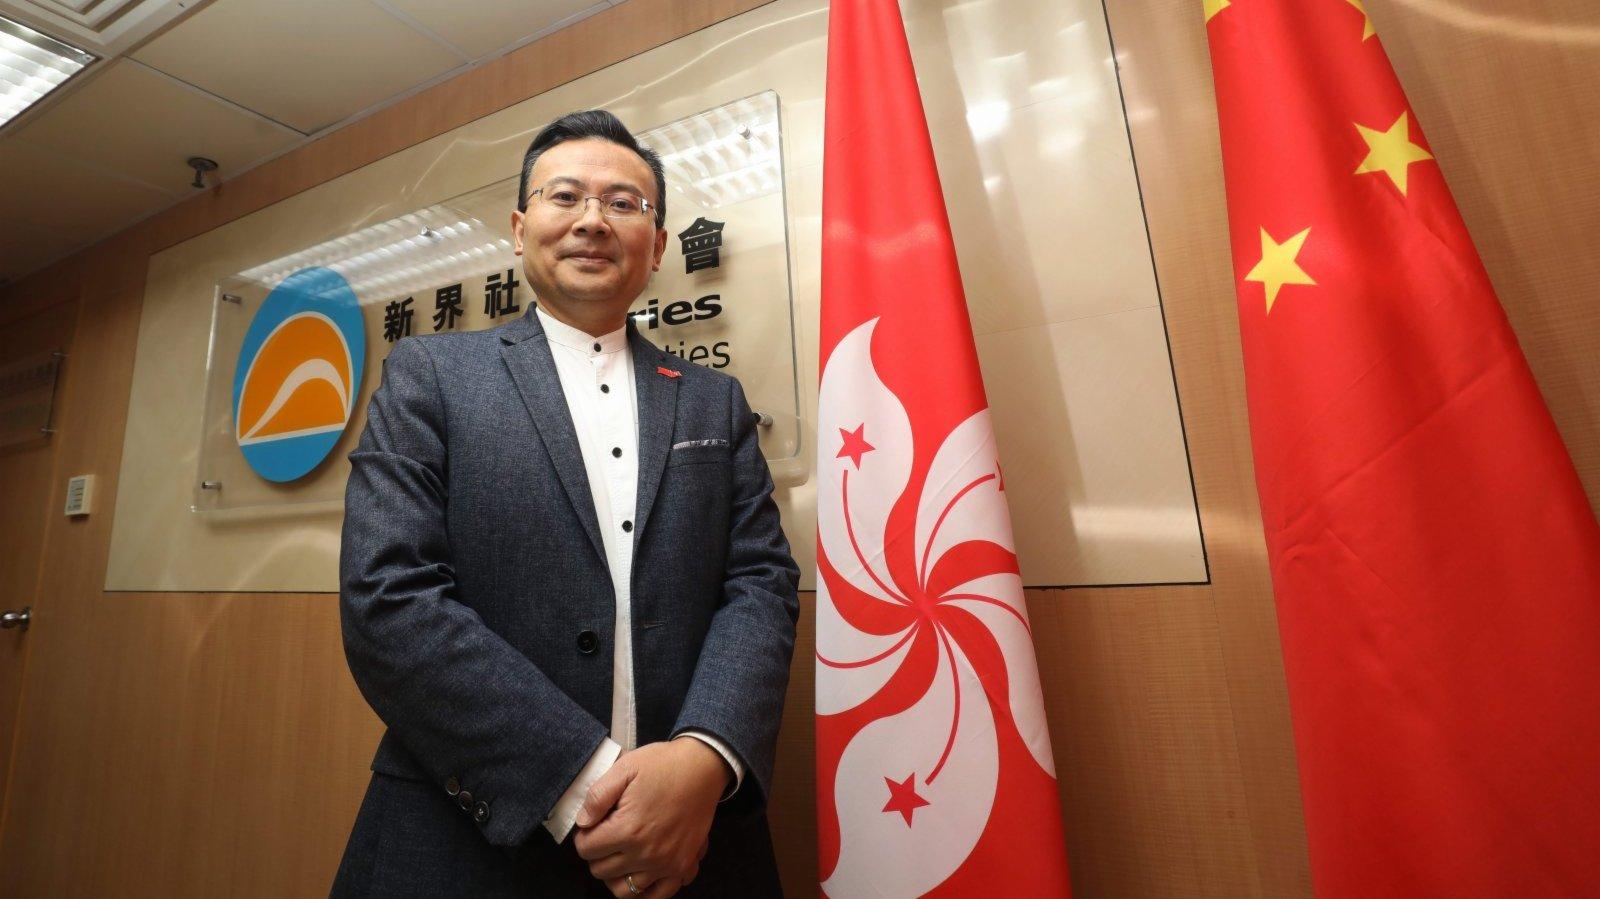 「將抗戰歷史加入香港本地教材!」 港區代表陳勇建議上熱搜